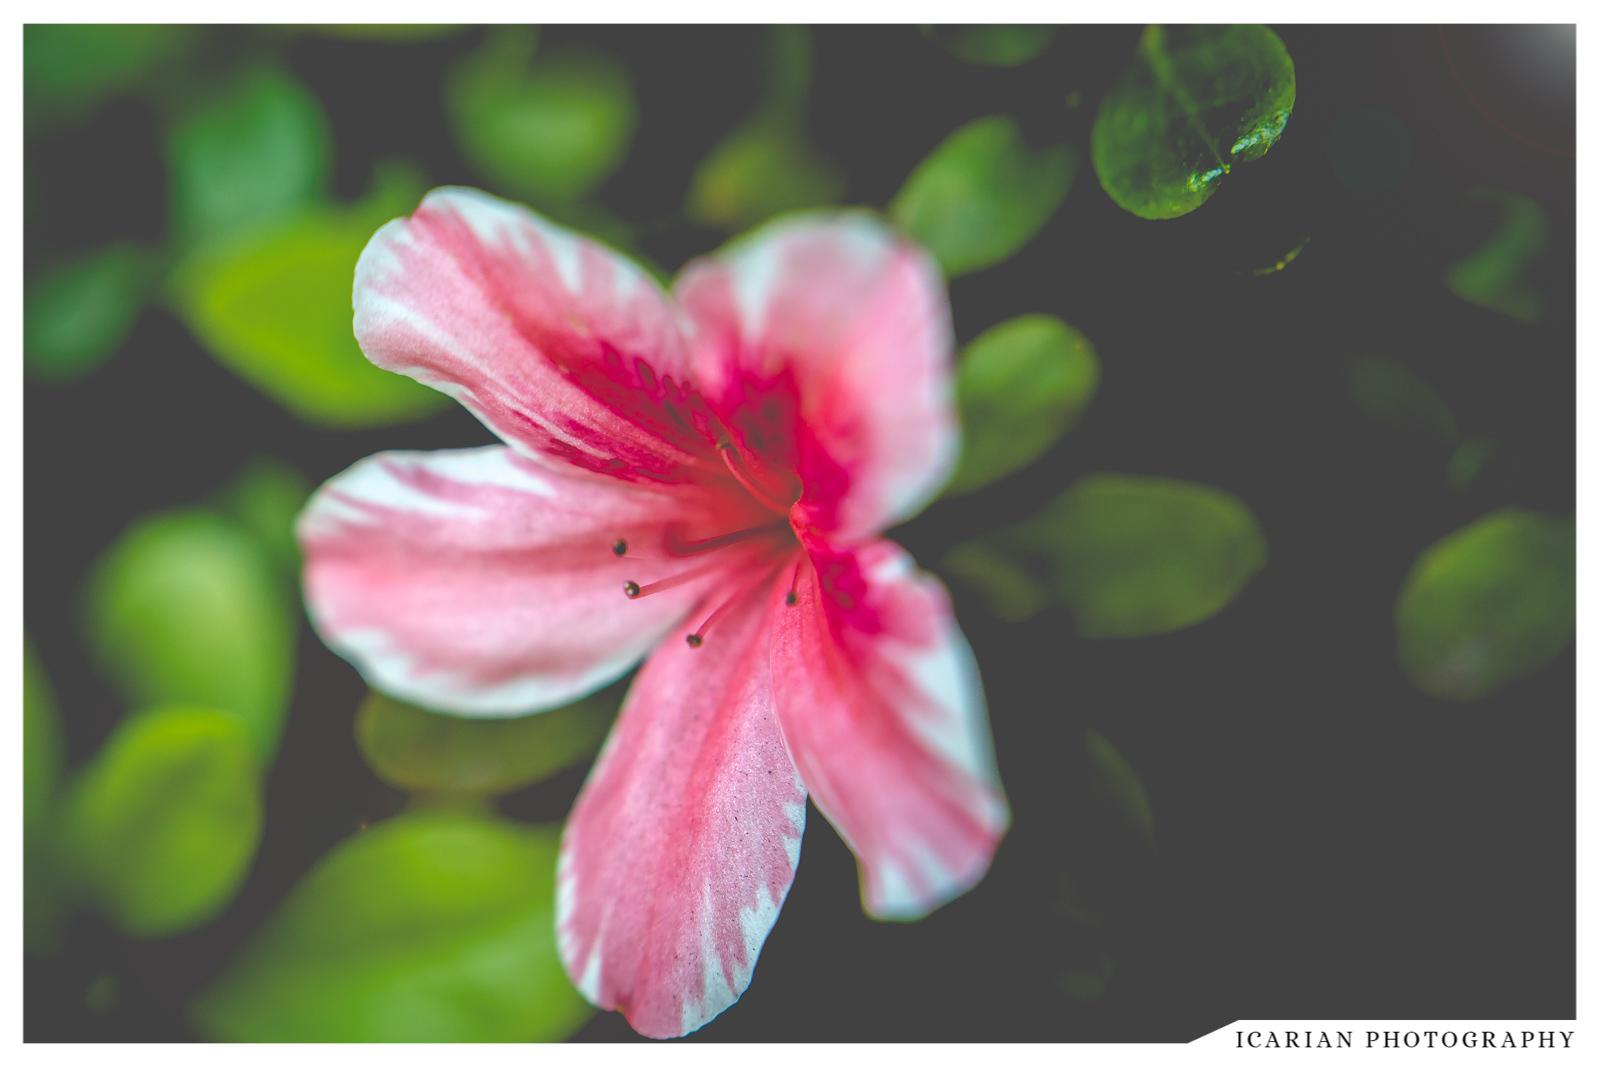 Icarian Photography Macro 2.jpg